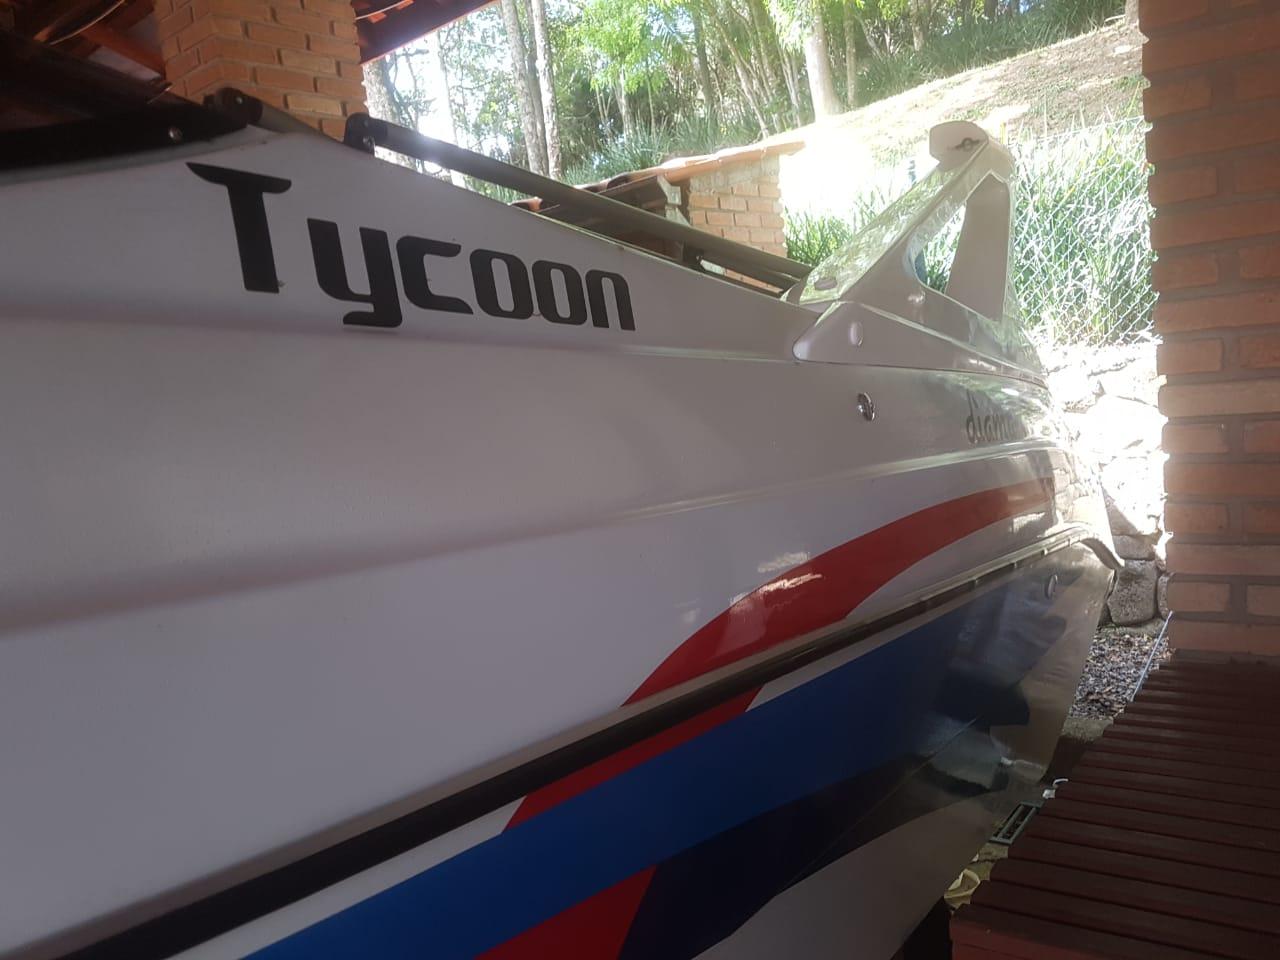 Diamar Tycoon 23